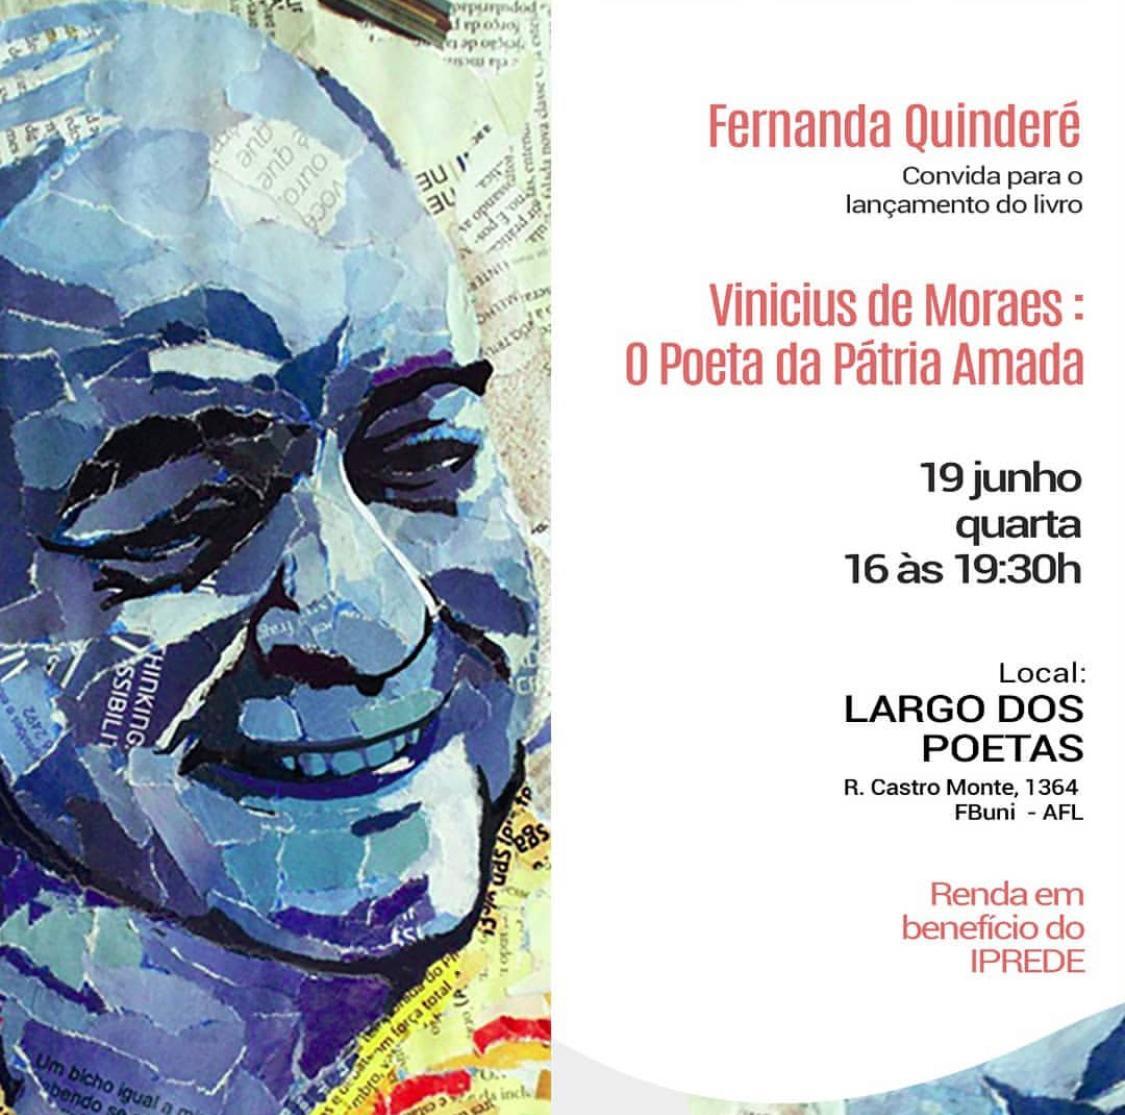 Fernanda Quinderé convida todos para o lançamento de seu novo livro amanhã(19)